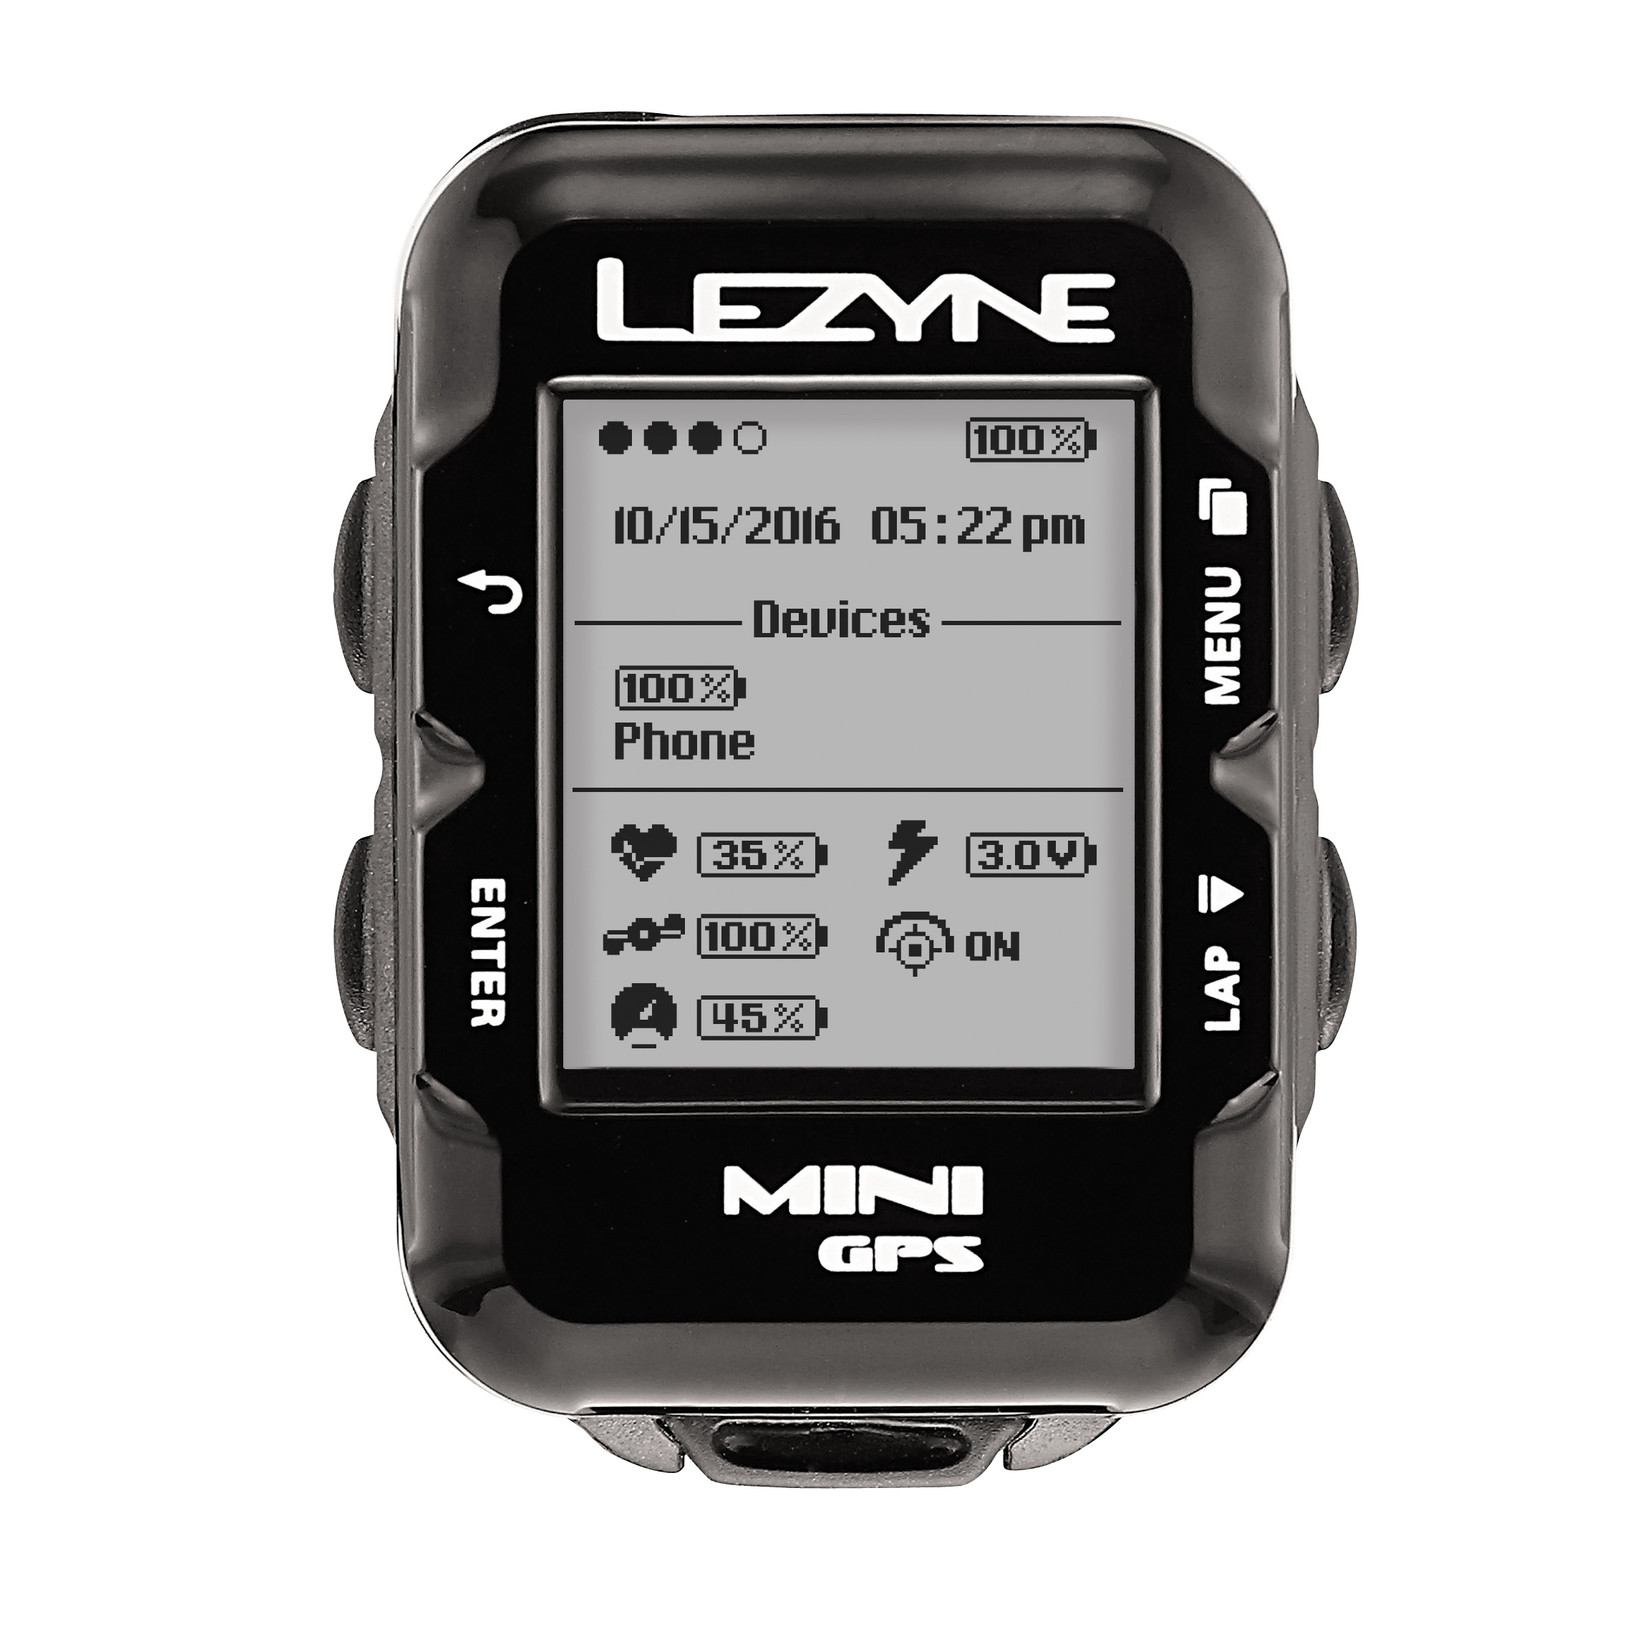 Lezyne Lezyne Mini GPS with HR